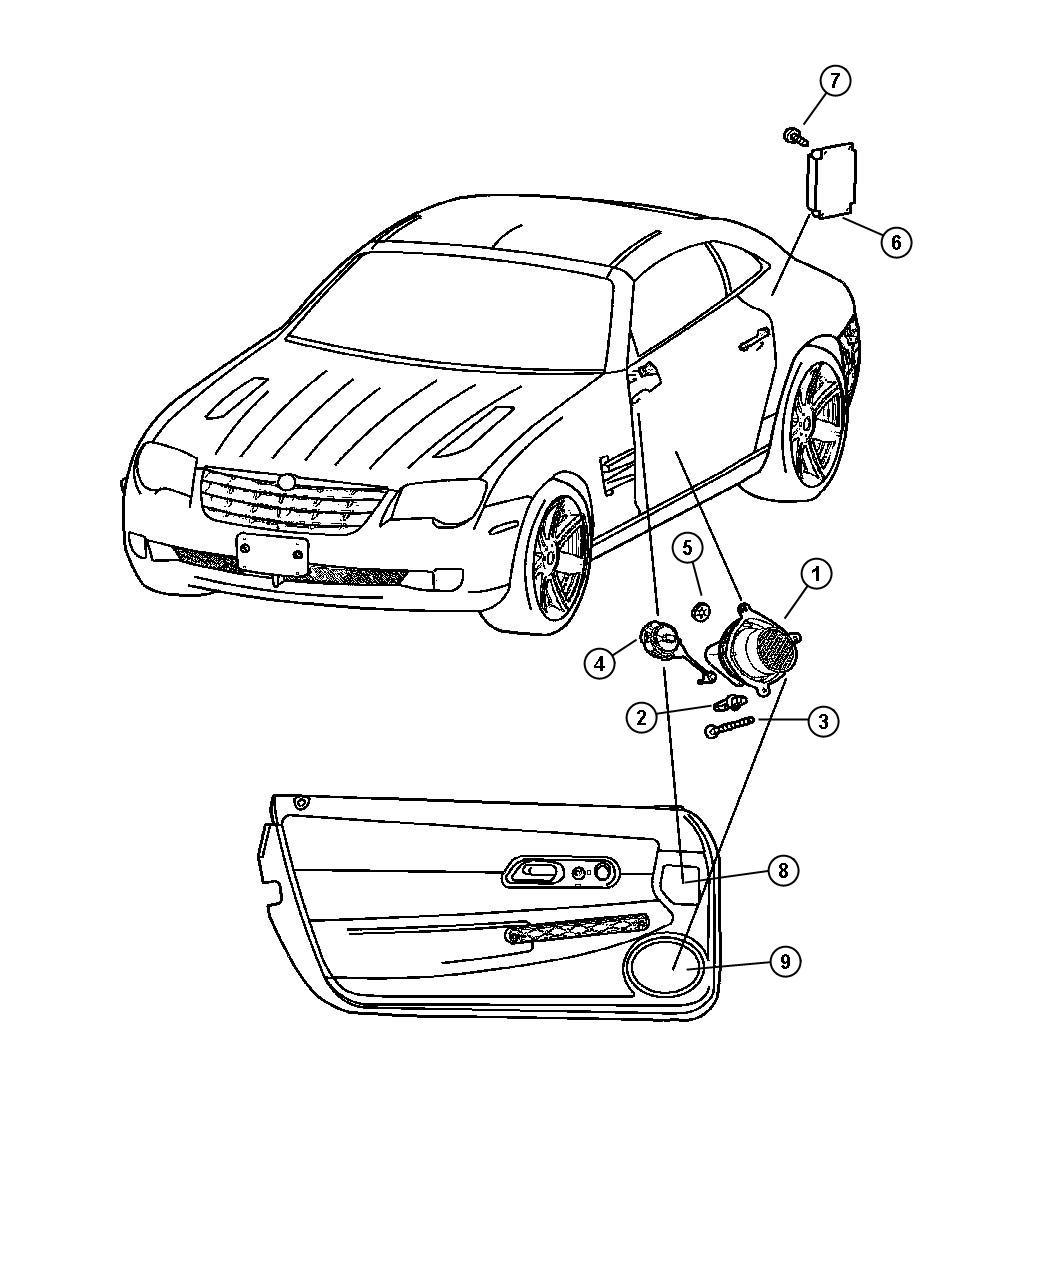 2004 Chrysler Crossfire Speaker. Right. Sub woofer